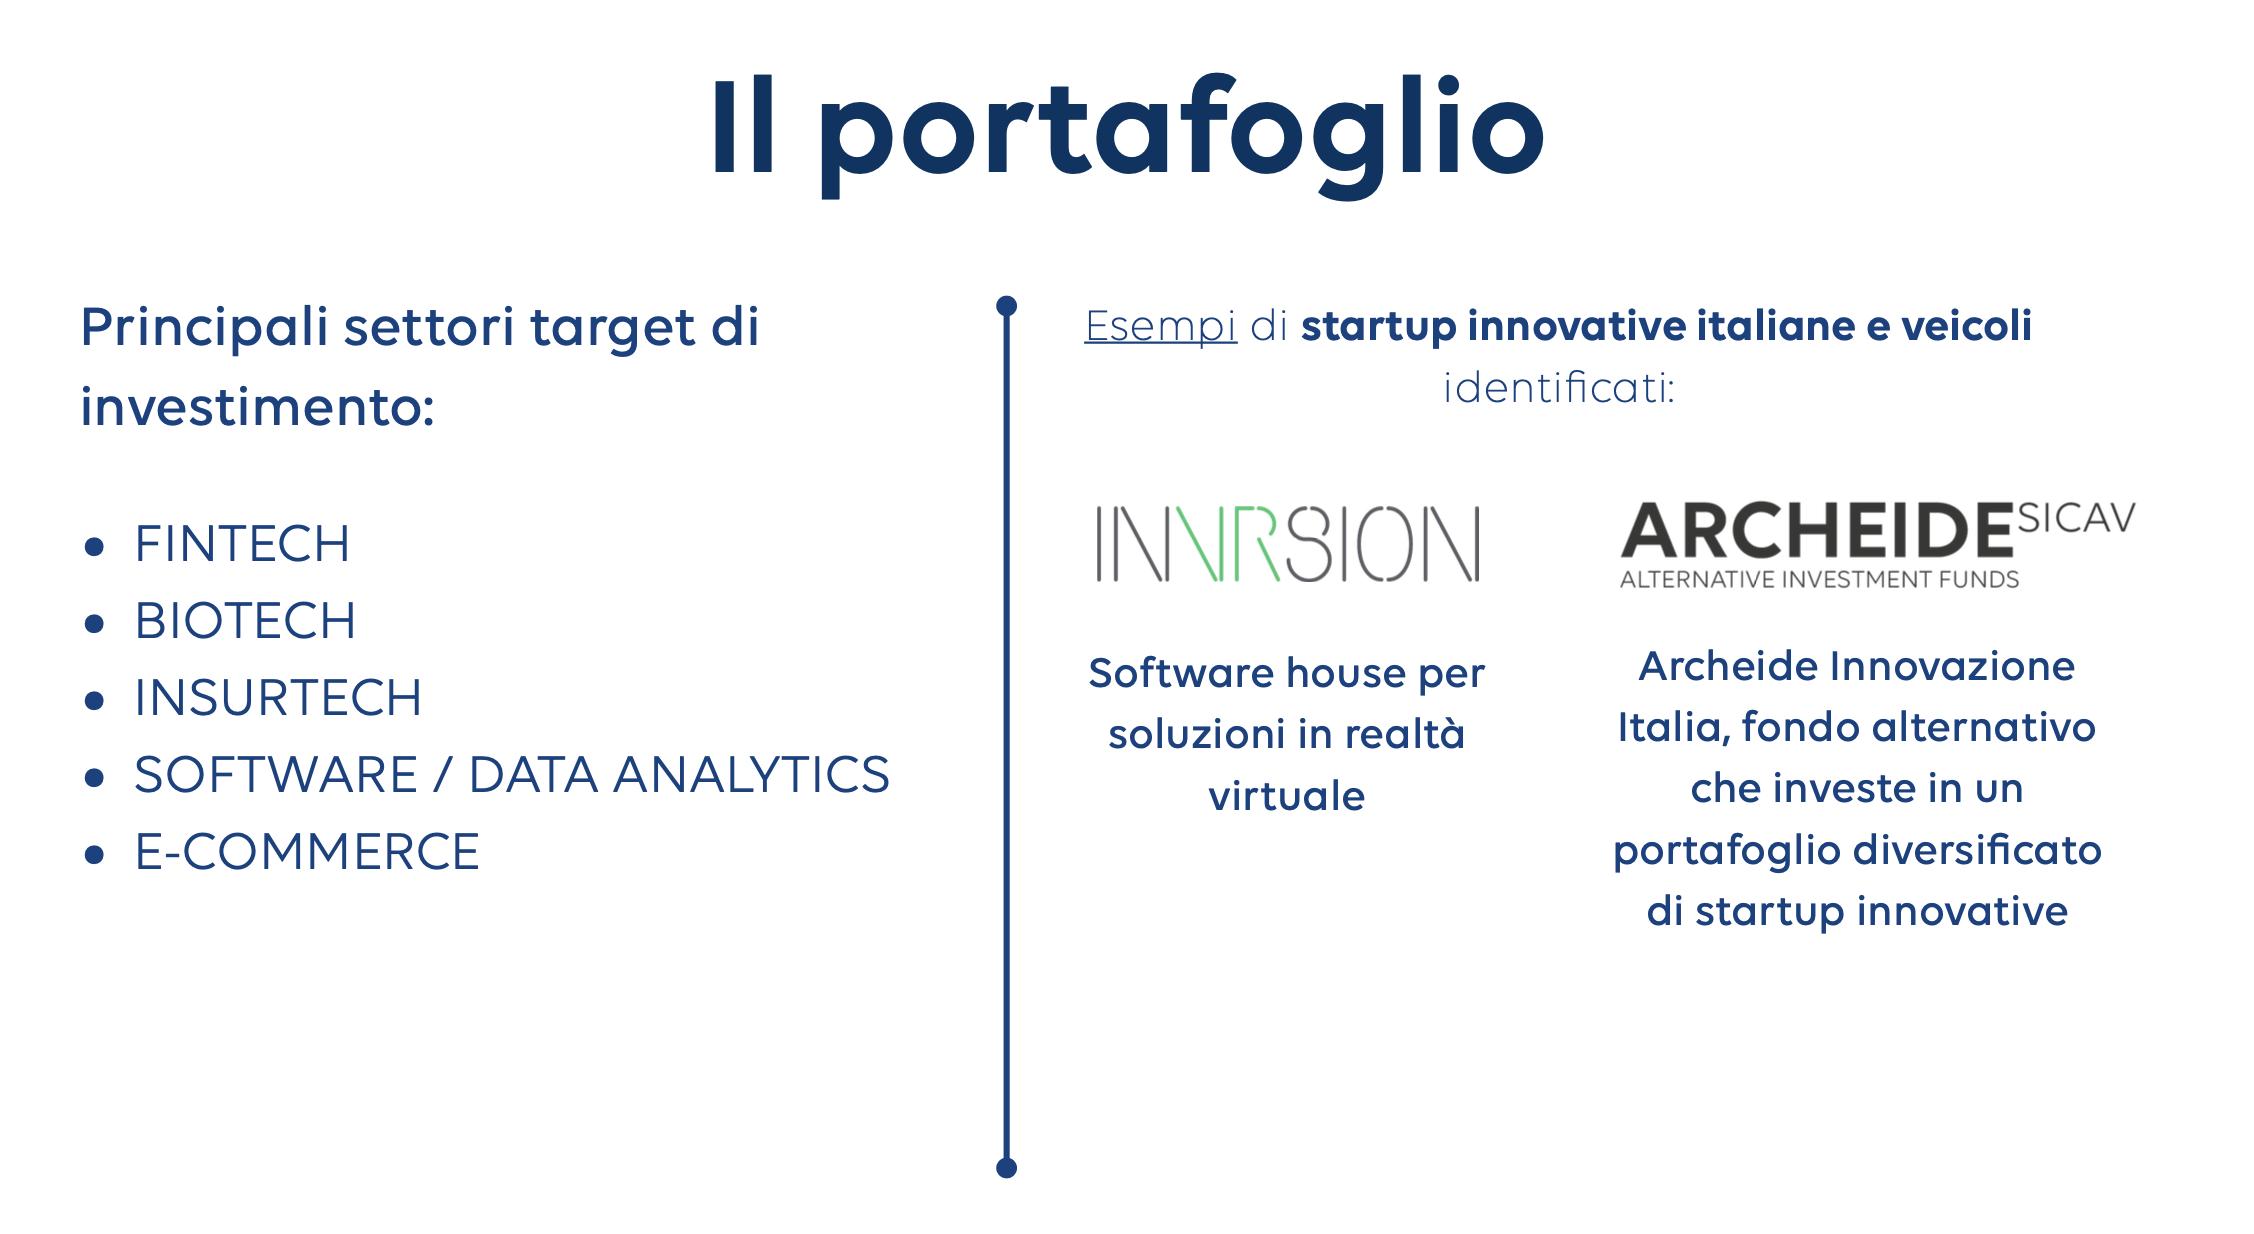 investi-innovazione-italia-portfolio